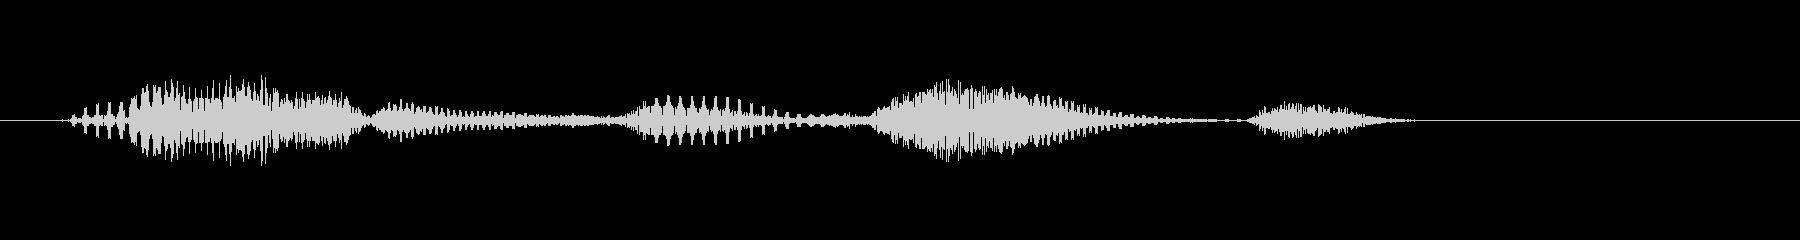 ミッションコンプリート:ロボ風の未再生の波形